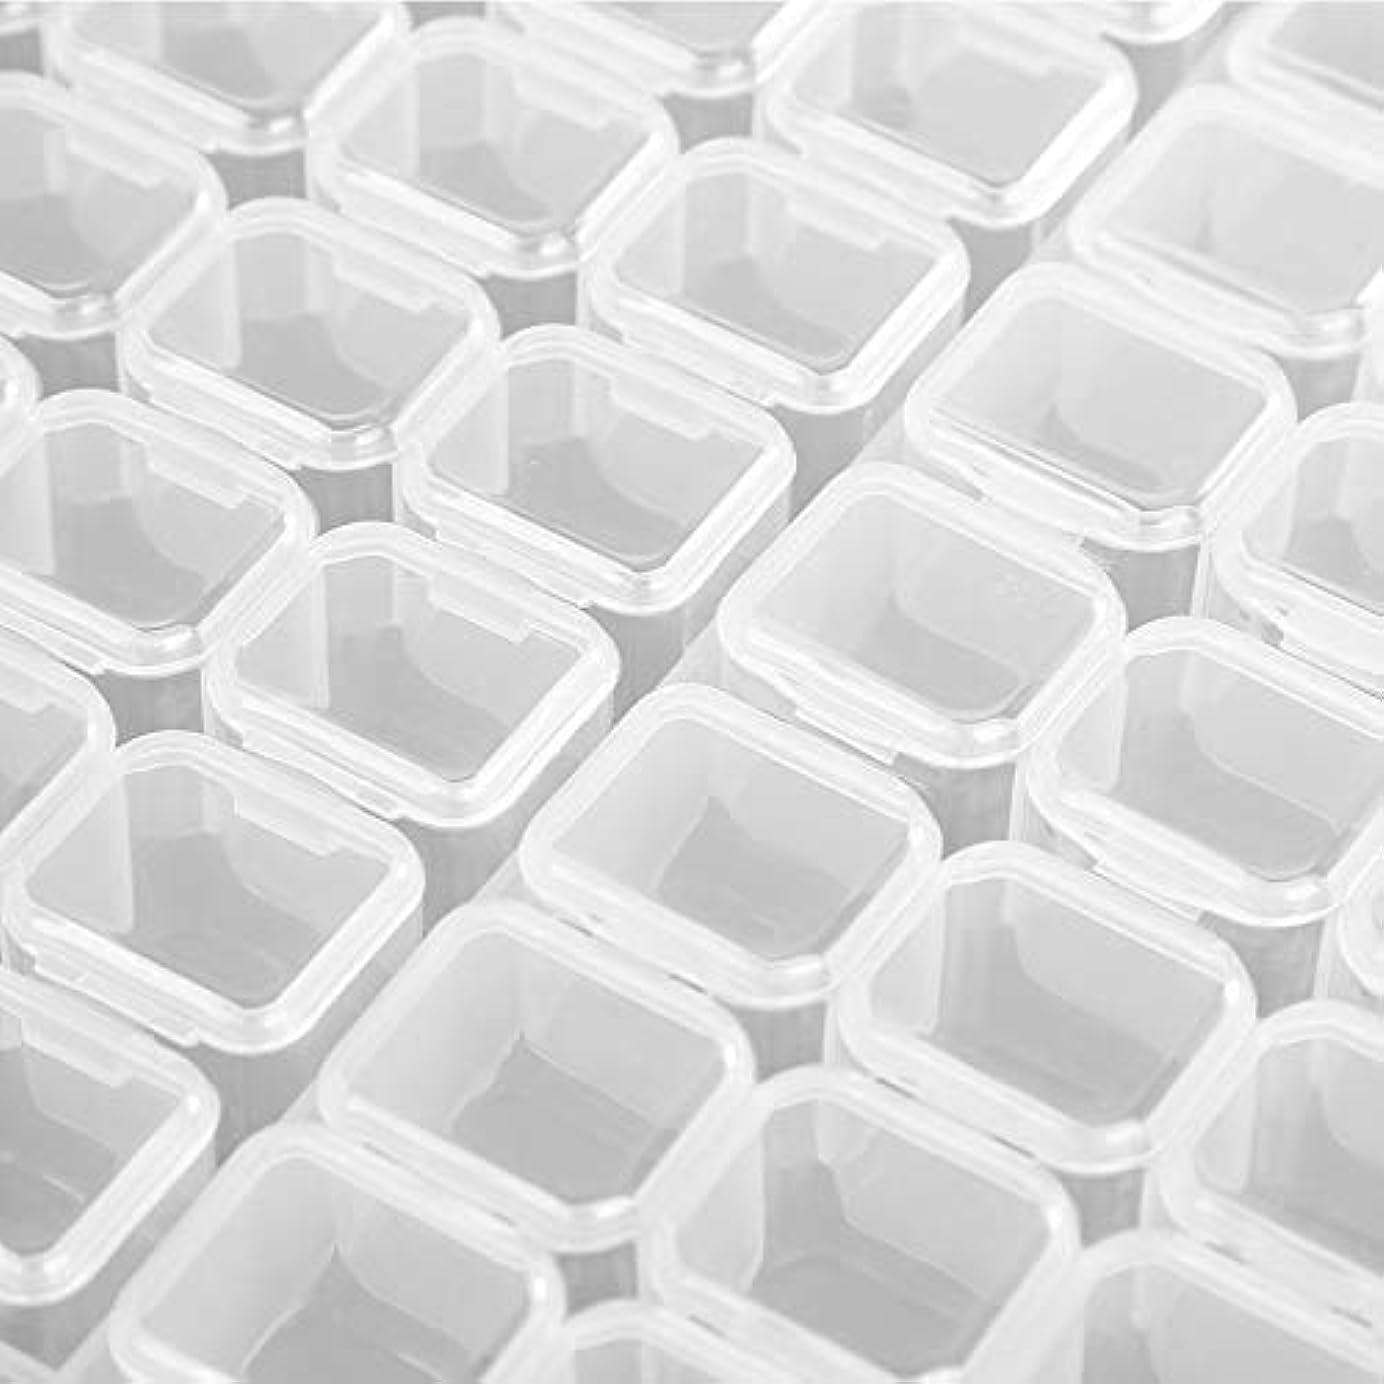 規範世紀アンカーネイルケース ネイル収納ボックス 小分け 収納 アクセサリー 収納 小物 雑貨入れ 56グリッド 蓋付き ホワイト